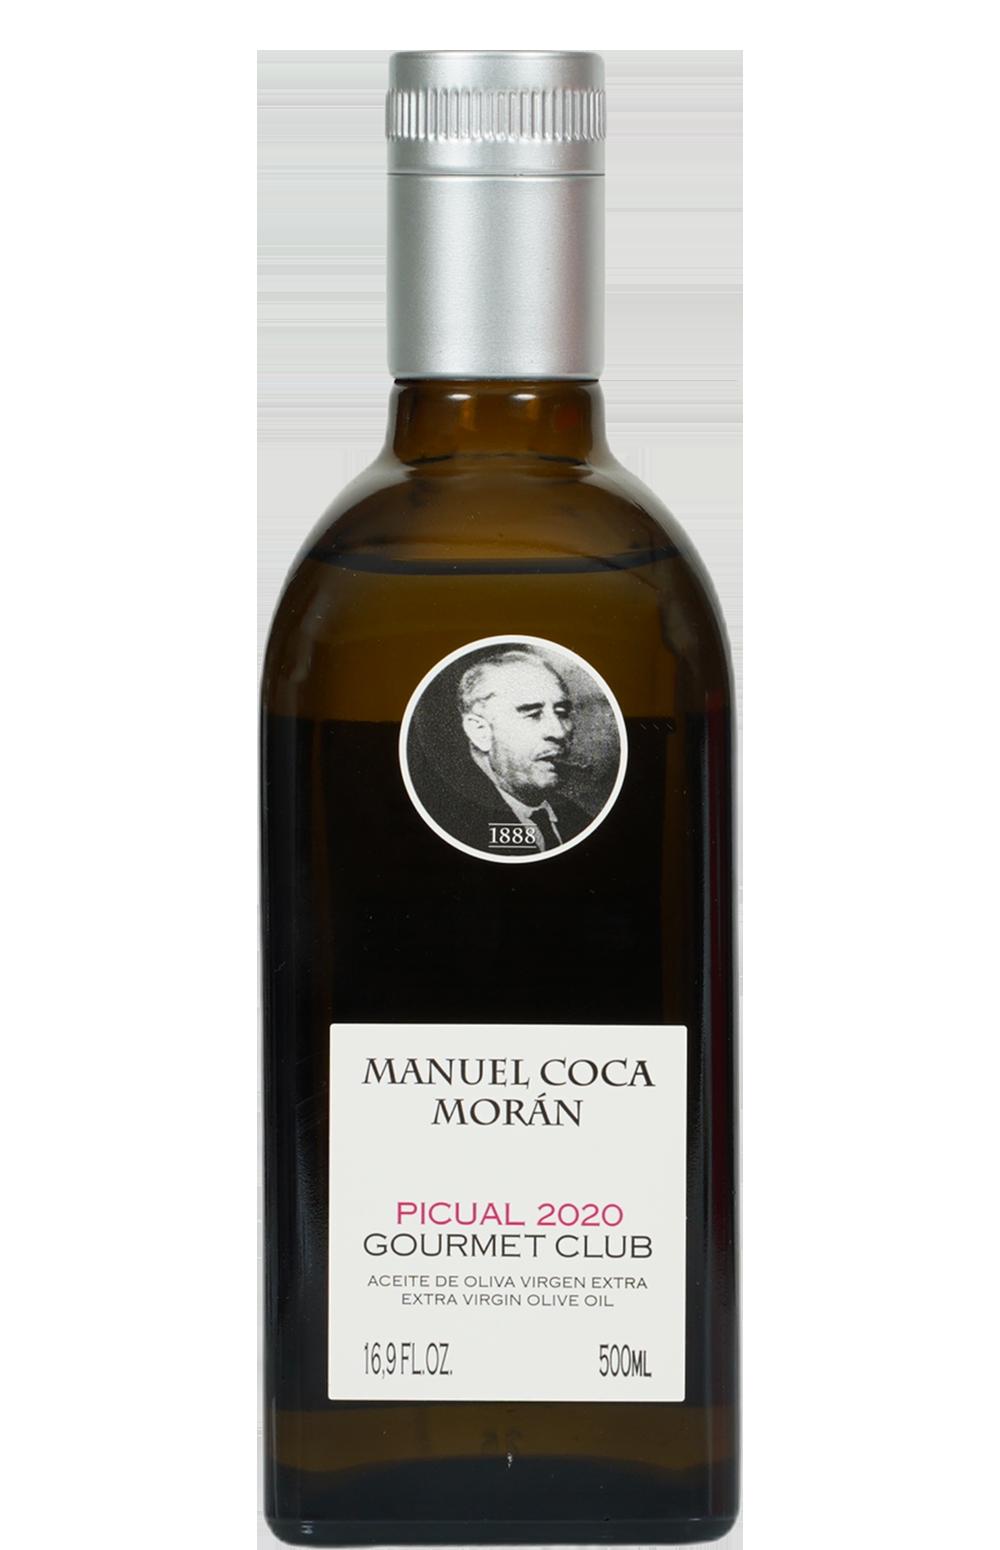 Manuel Coca Moran